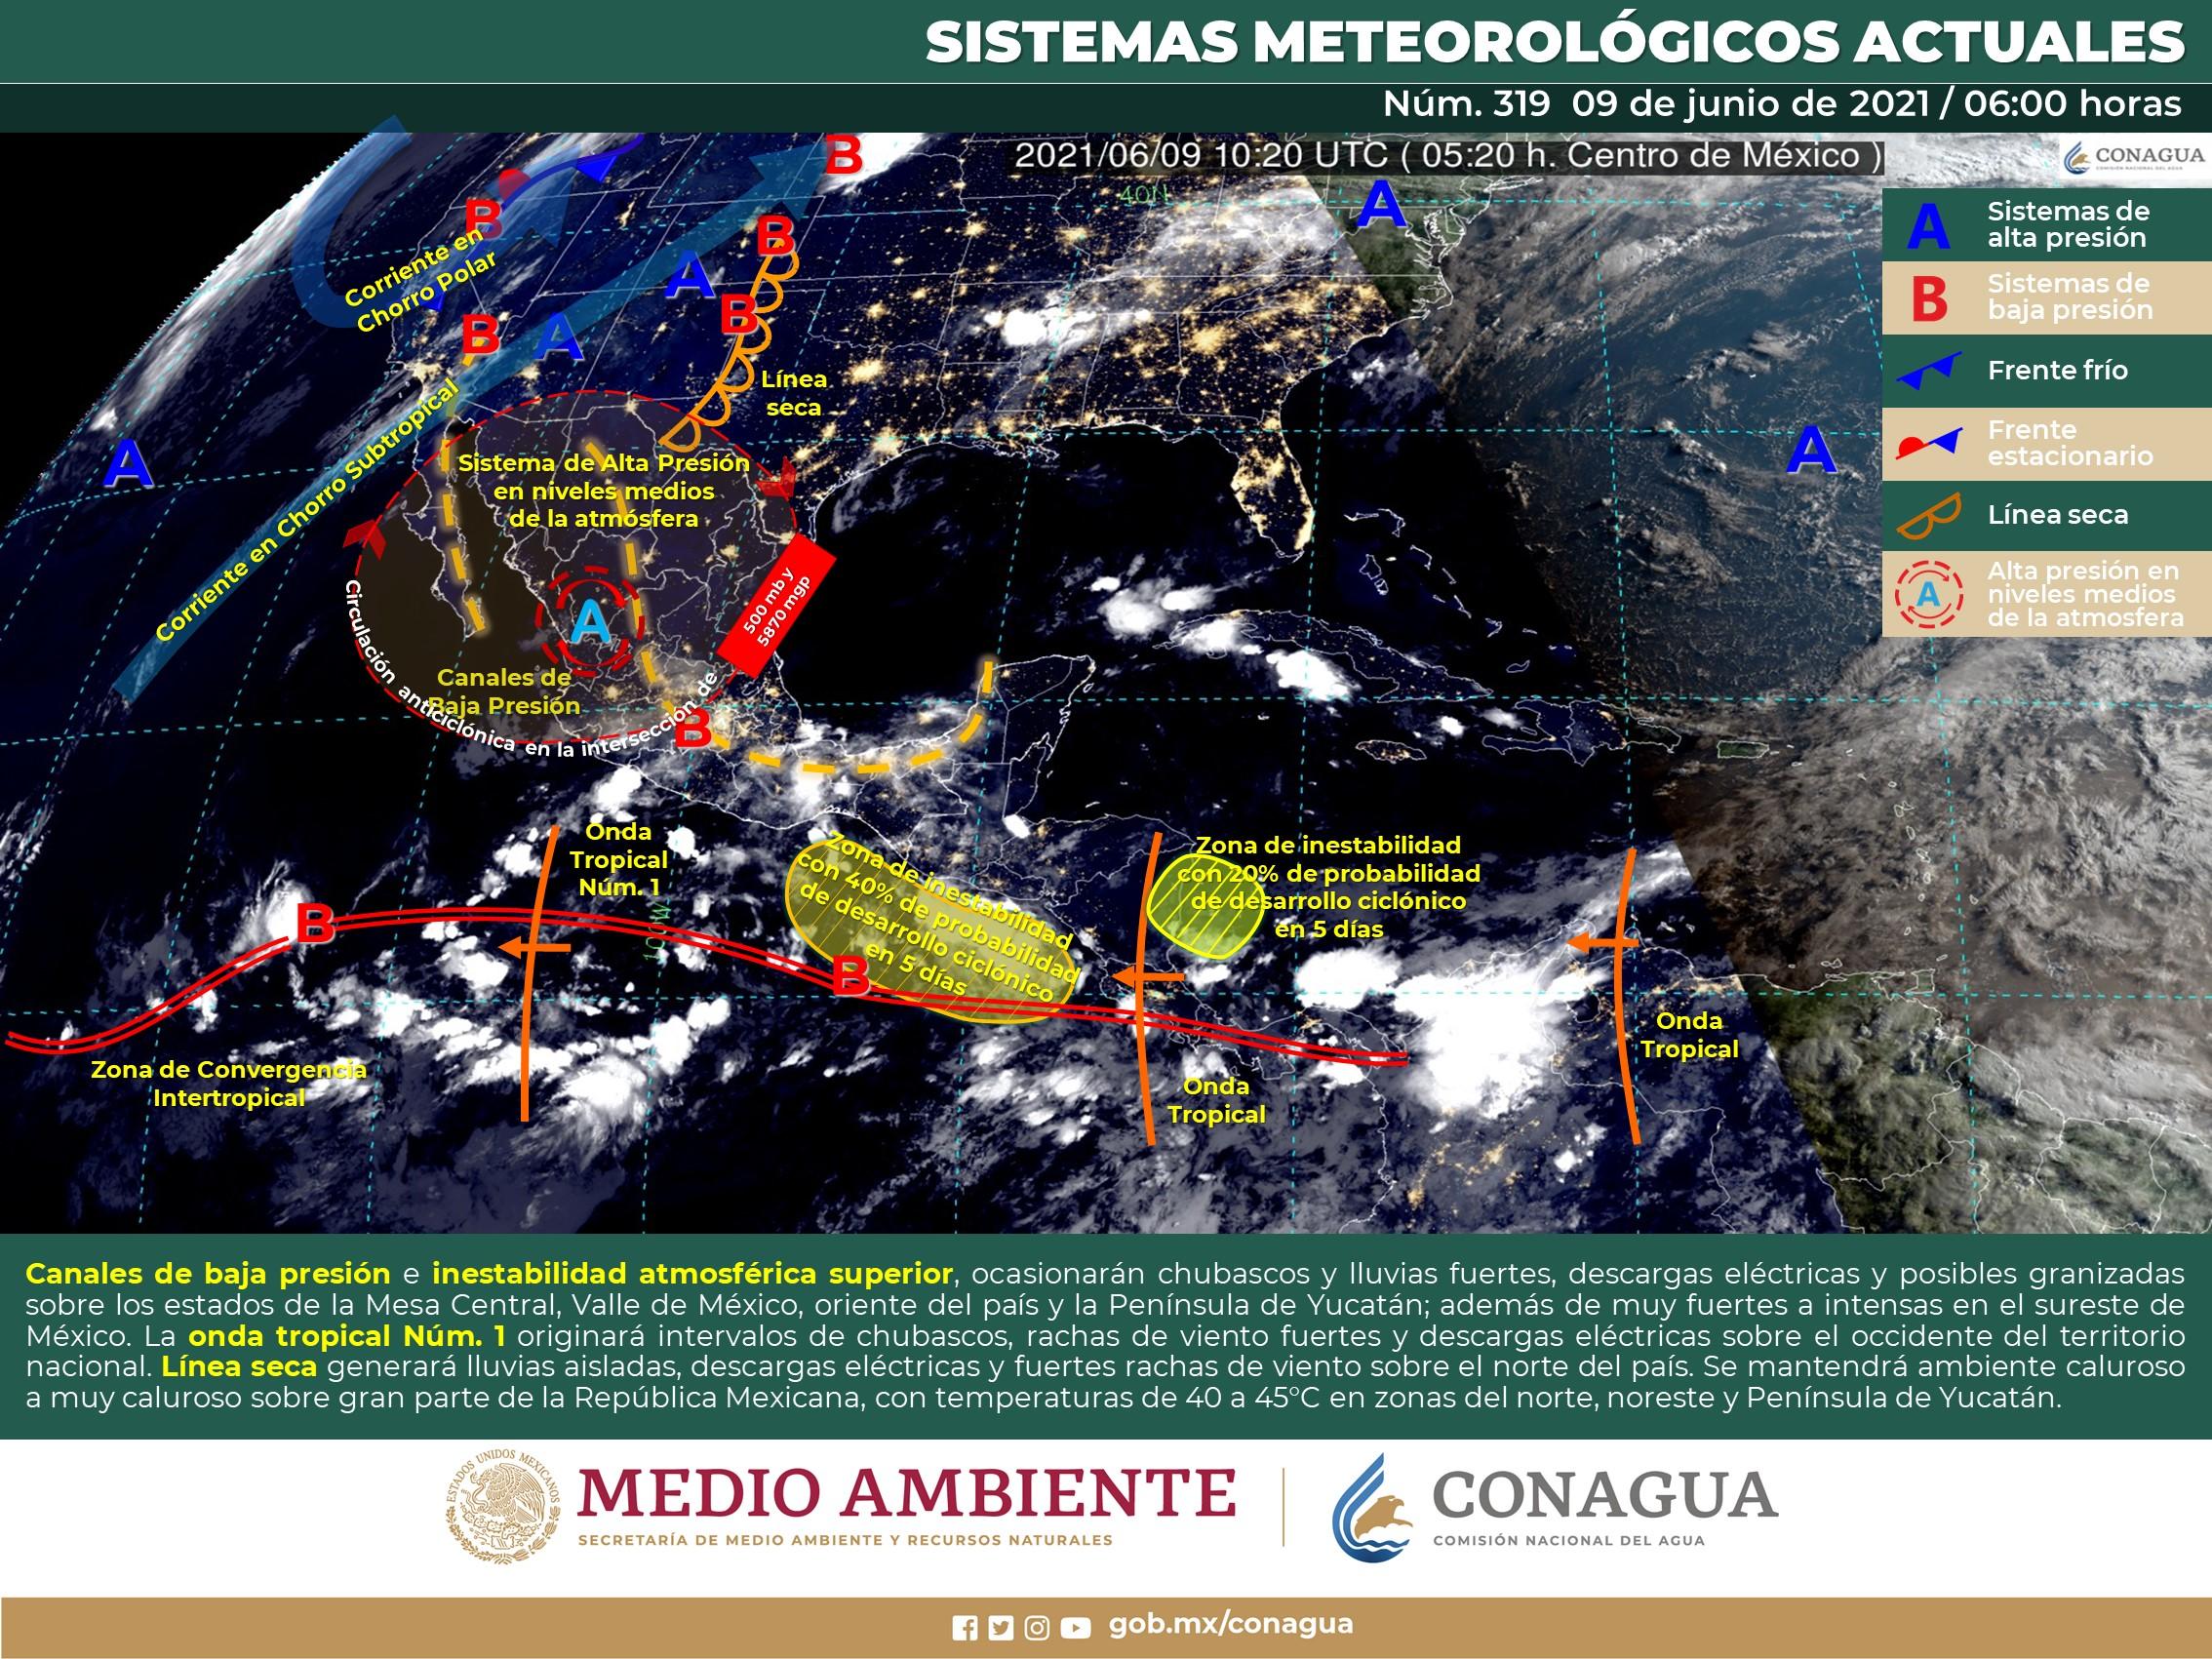 Cielo nublado con intervalos de chubascos en Colima: SMN